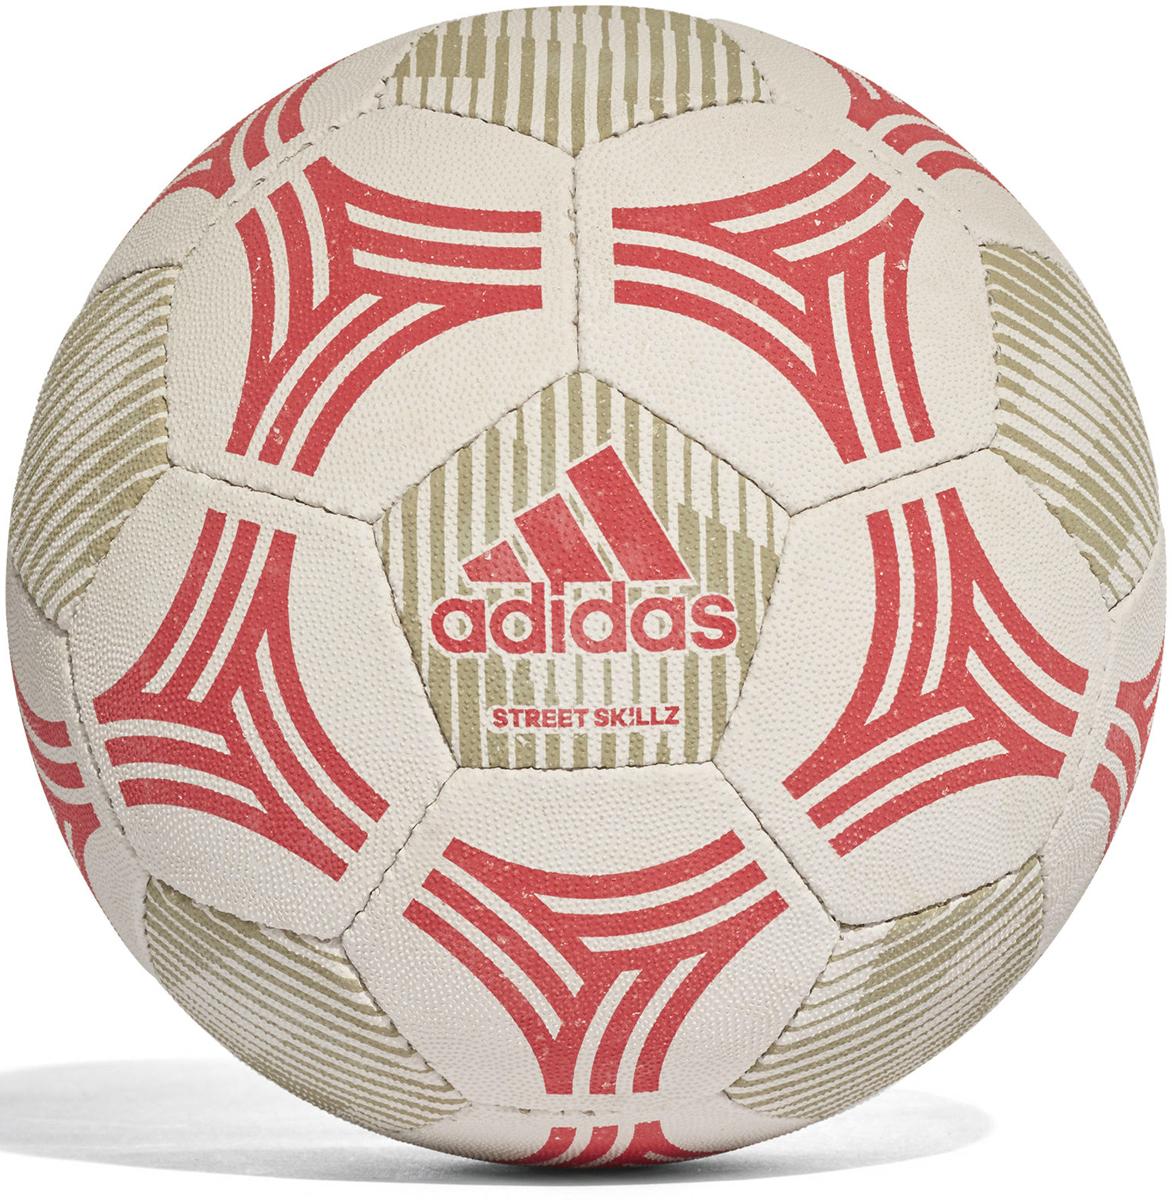 Мяч футбольный Adidas Tango Sala, цвет: серый, коралловыйCE9981Футбольный мяч для игры в зале, на твердой поверхности. Логотип Adidas.